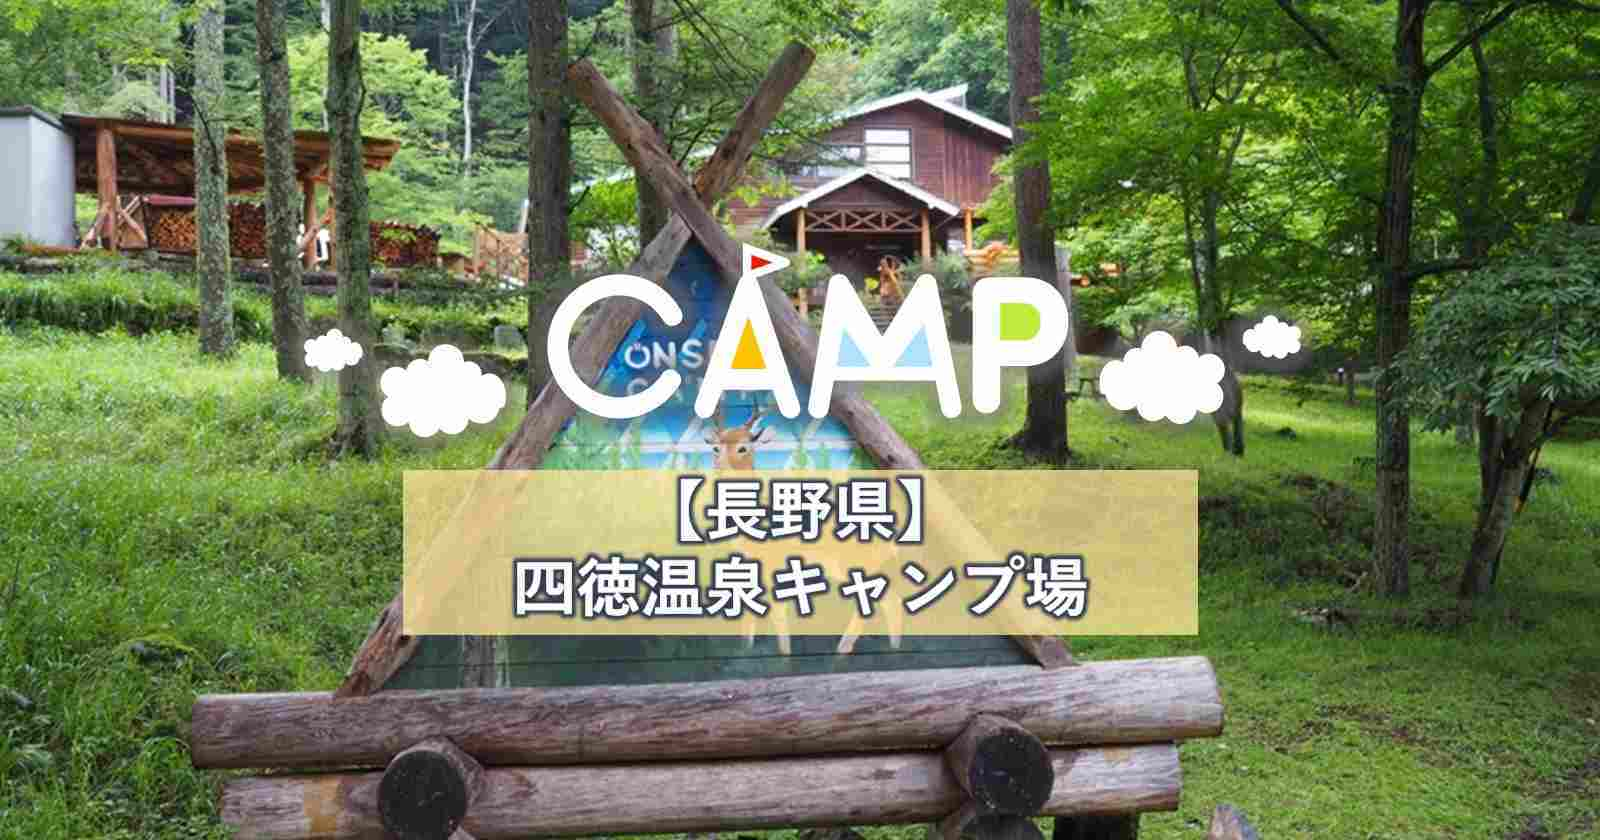 【長野県】四徳温泉キャンプ場が創り出す文化 ニフティニュース